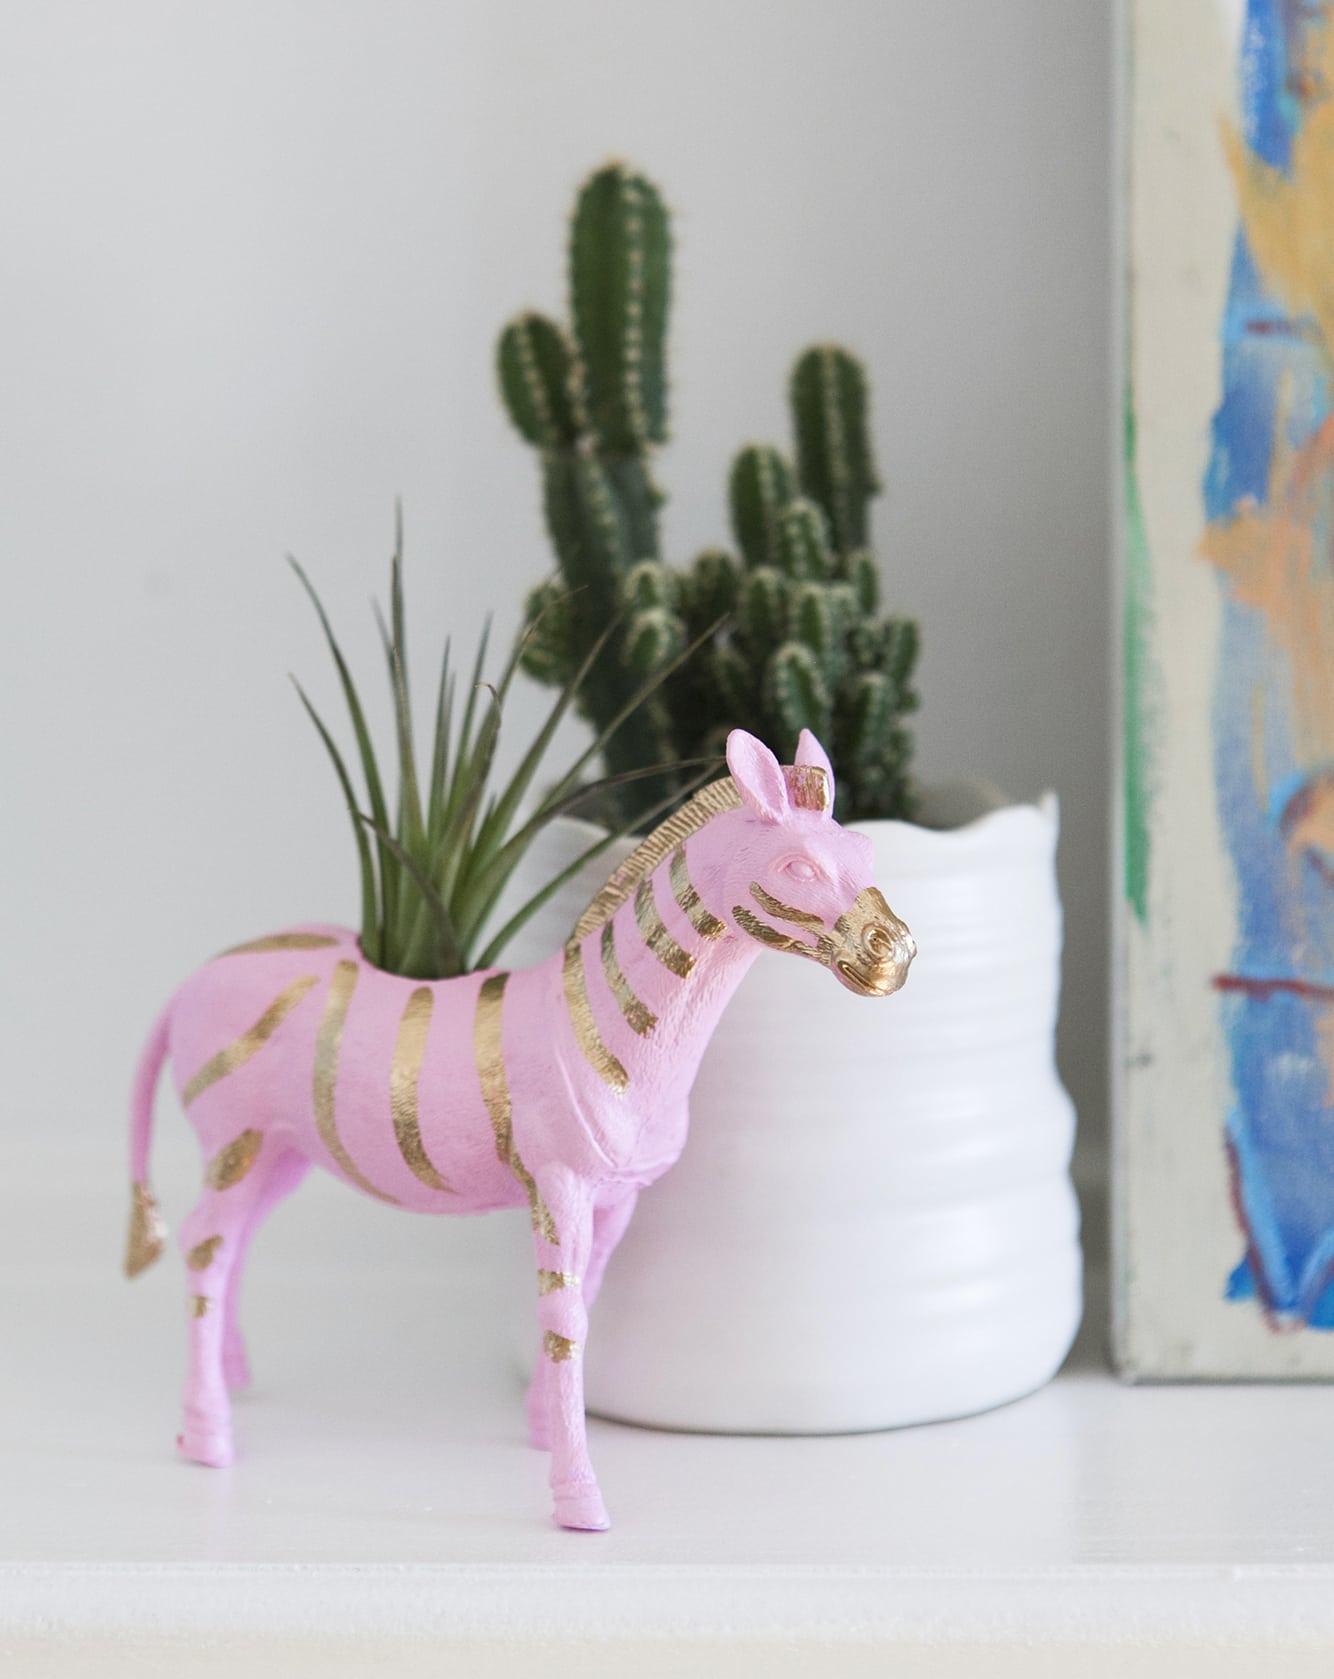 zebra-planter-mini-air-plant-colorful-decor-jessica-brigham-blog